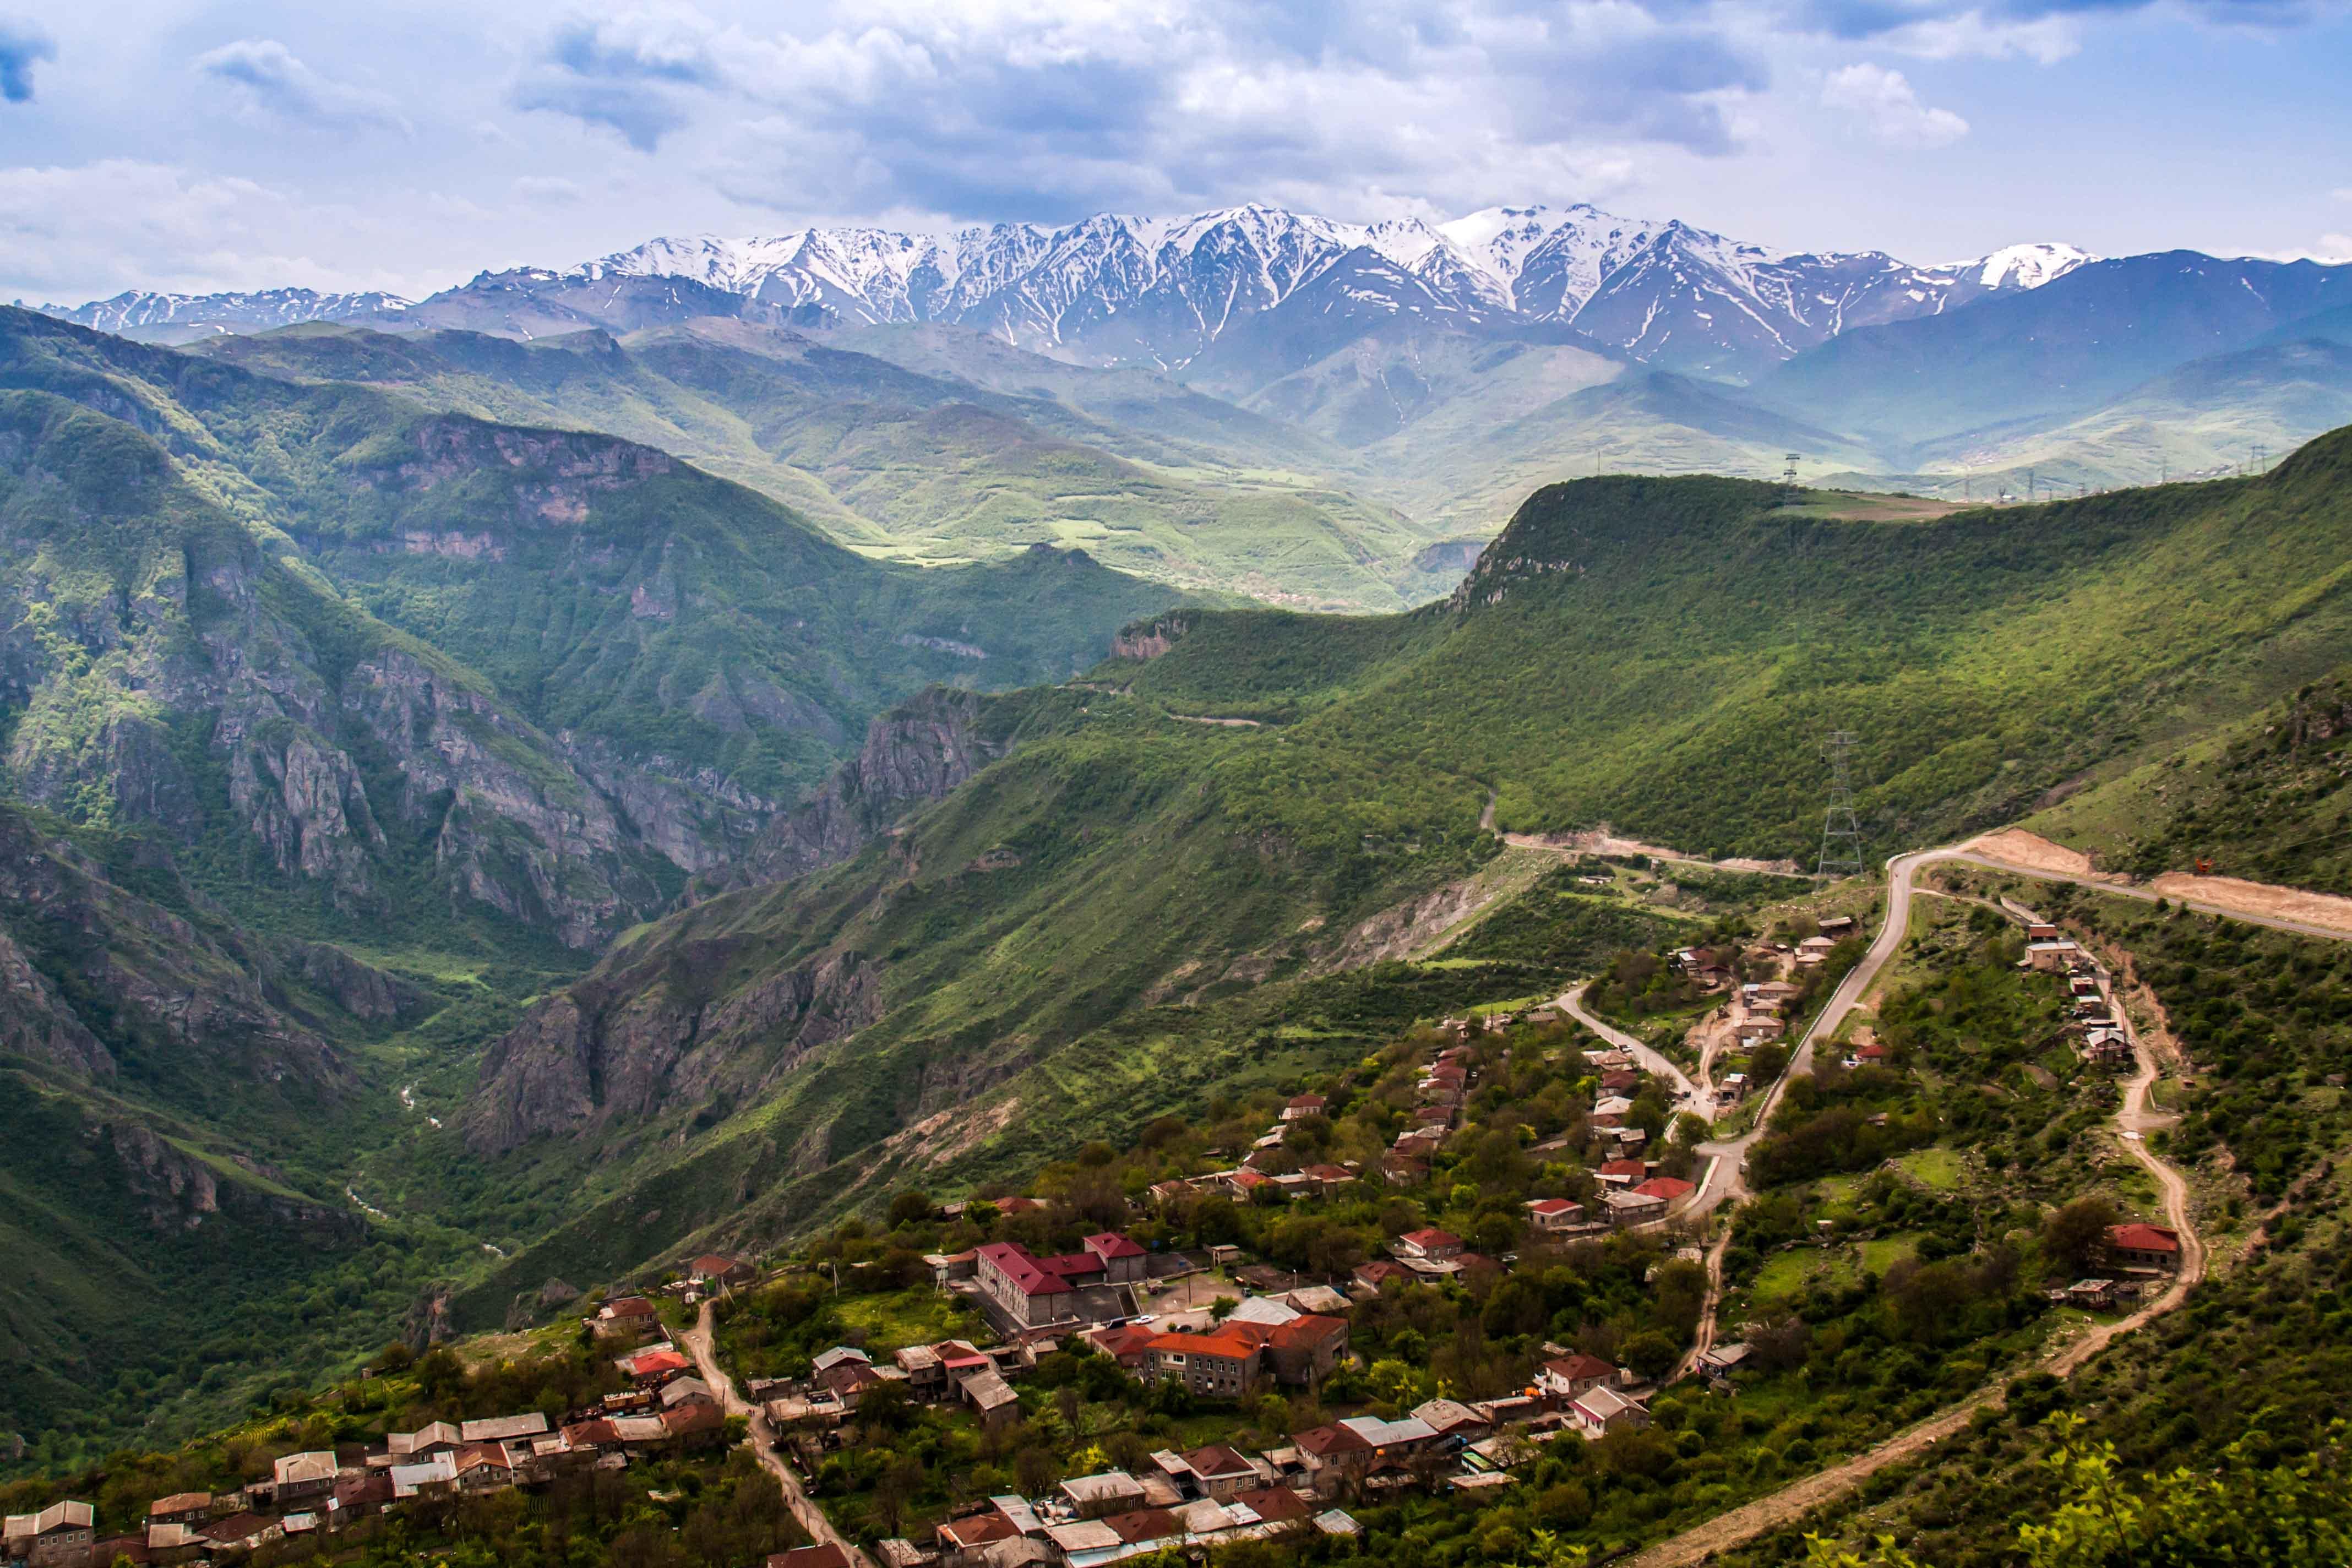 Армянские пейзажи, отзывы об Армении